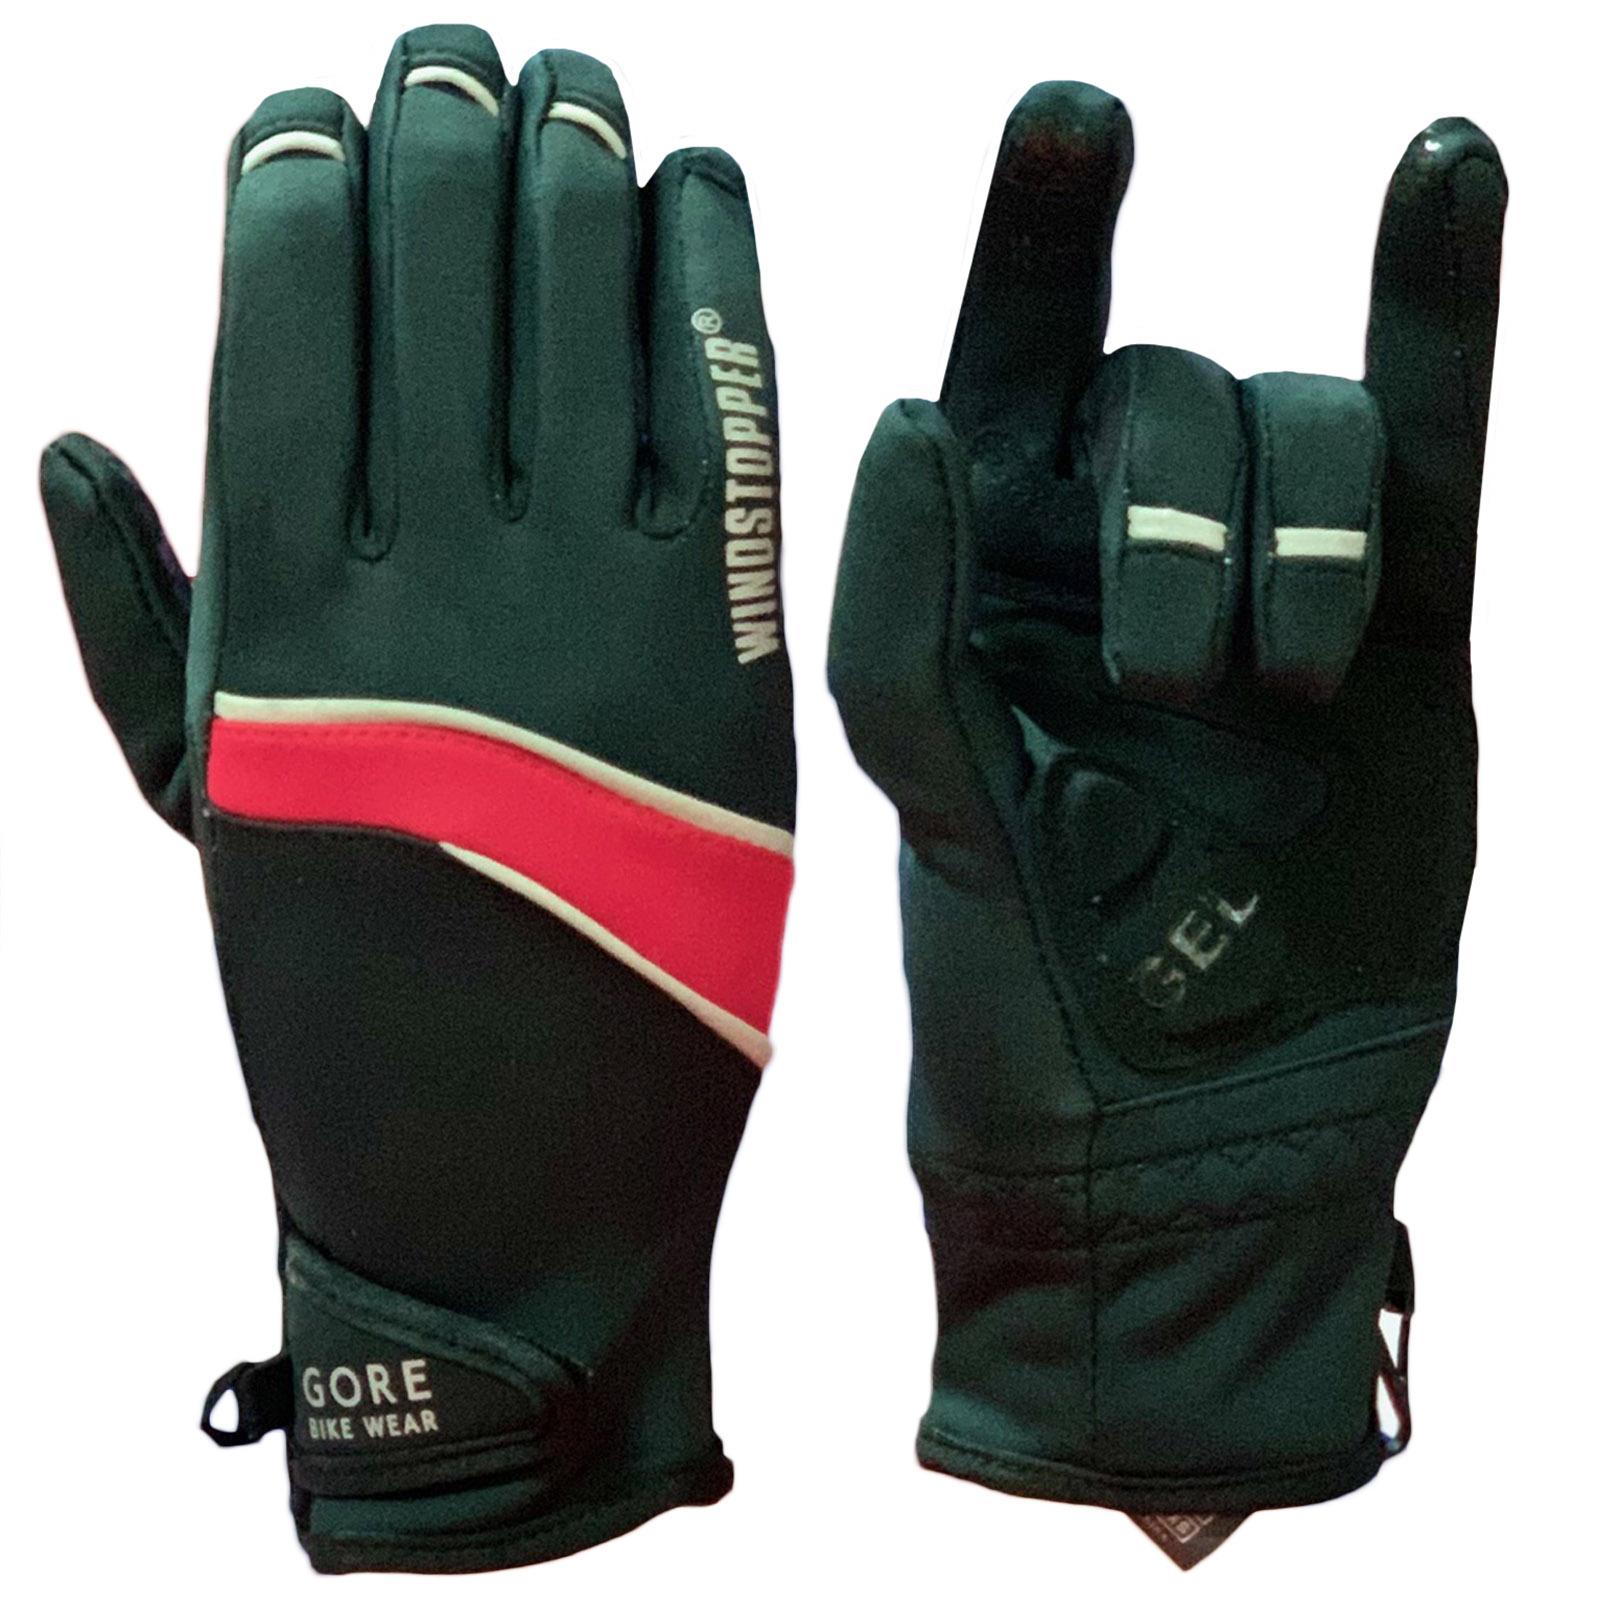 Эксклюзивные перчатки от Gore Bike Wear с красными вставками